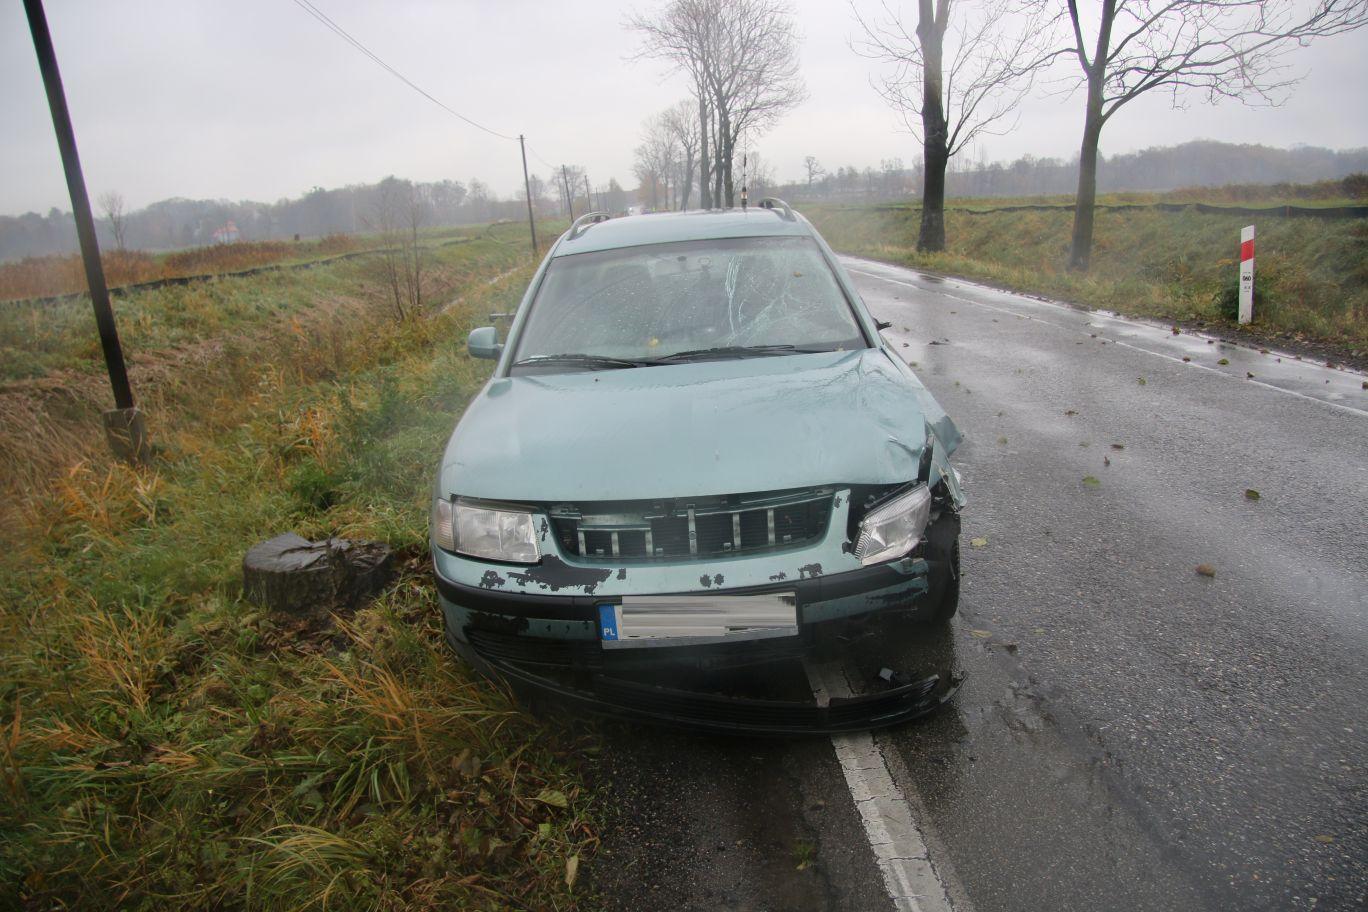 Tragedia na drodze. Zginął pieszy [FOTO]